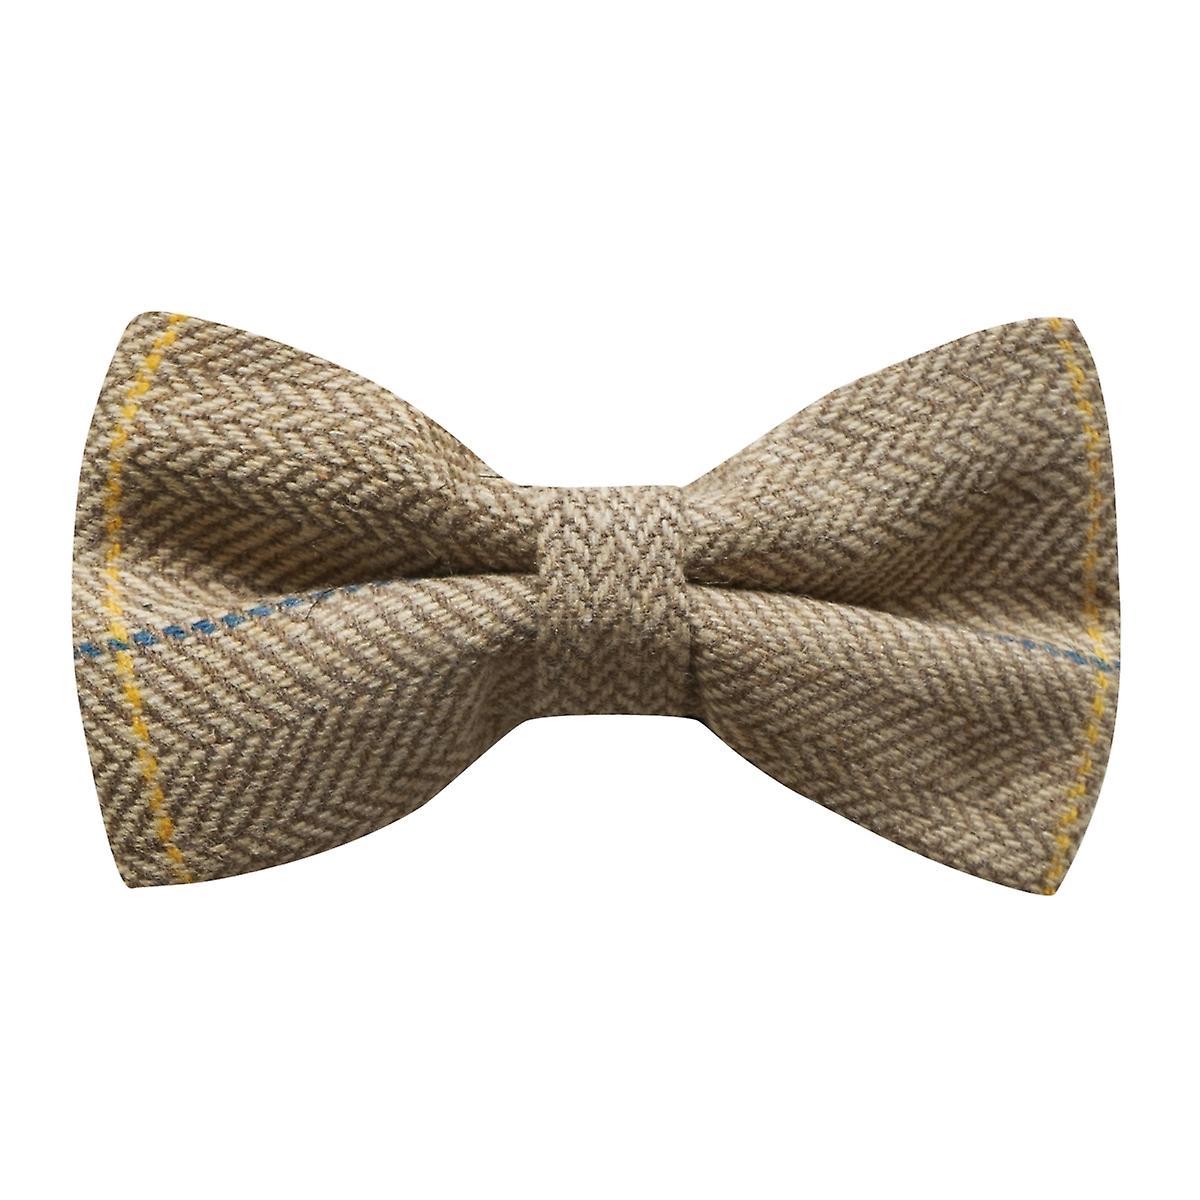 Luxury Light Oak Herringbone Check Bow Tie, Tweed